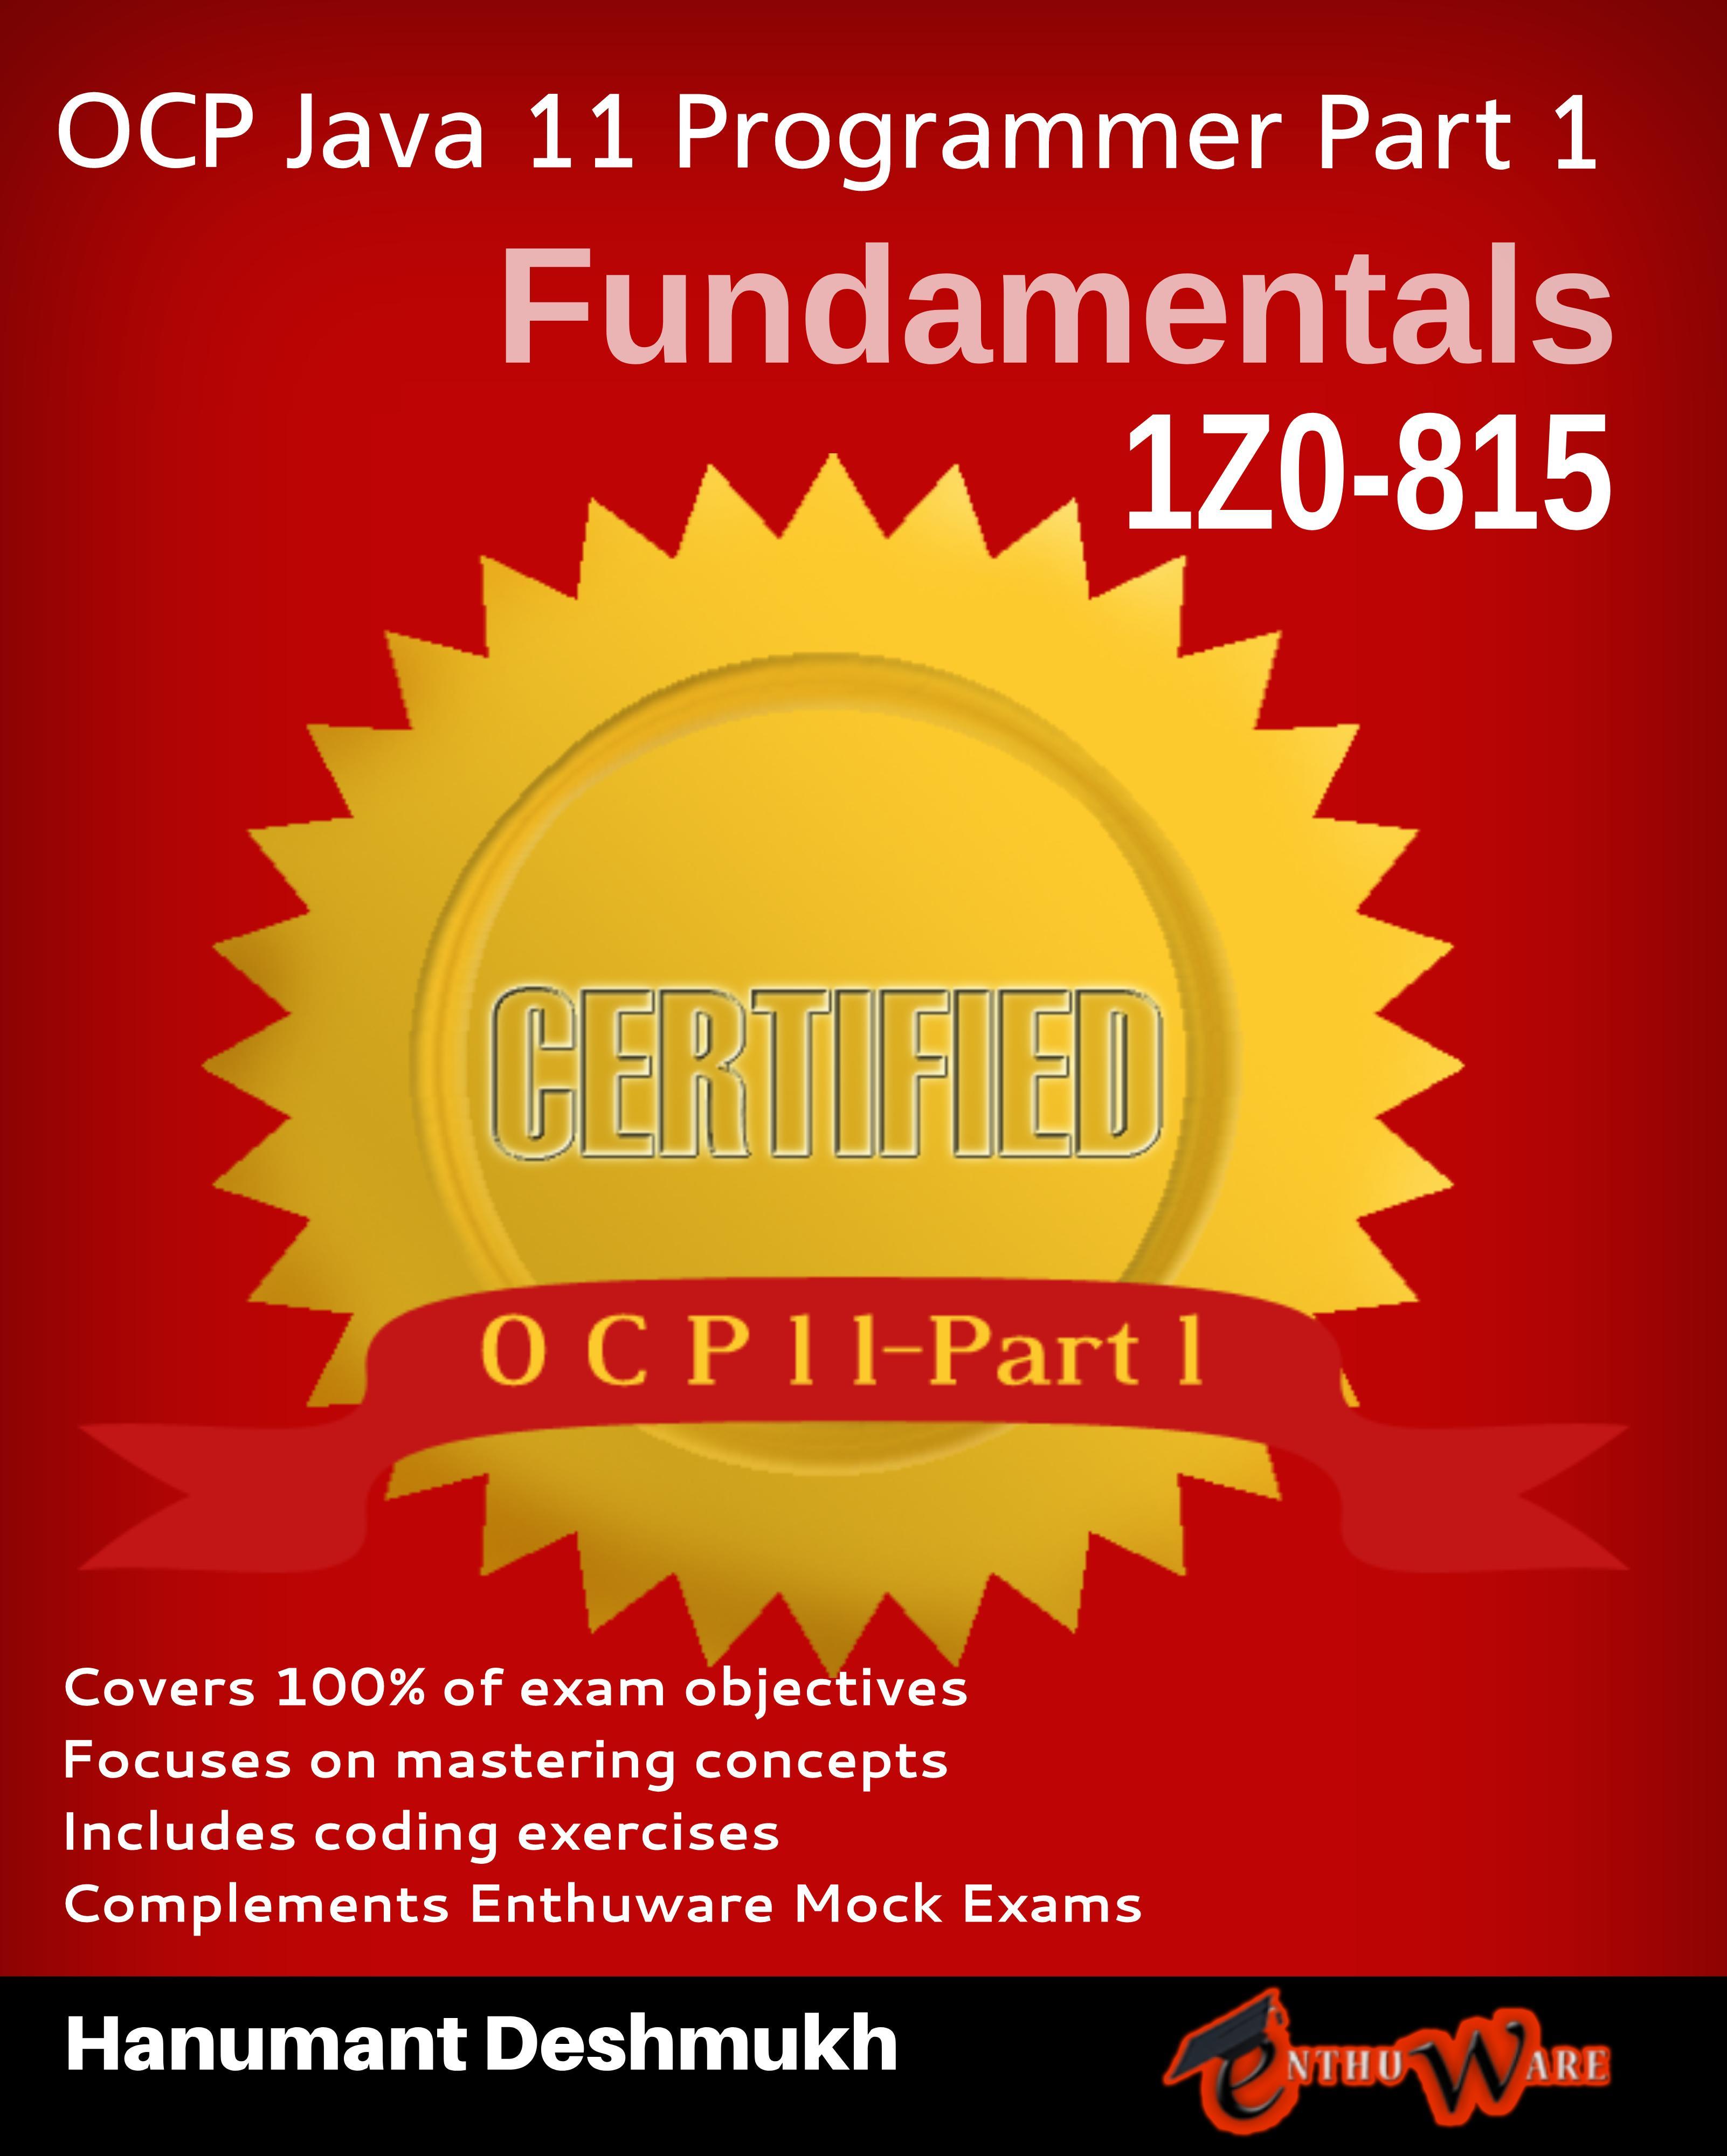 OCAJP/OCPJP Resources